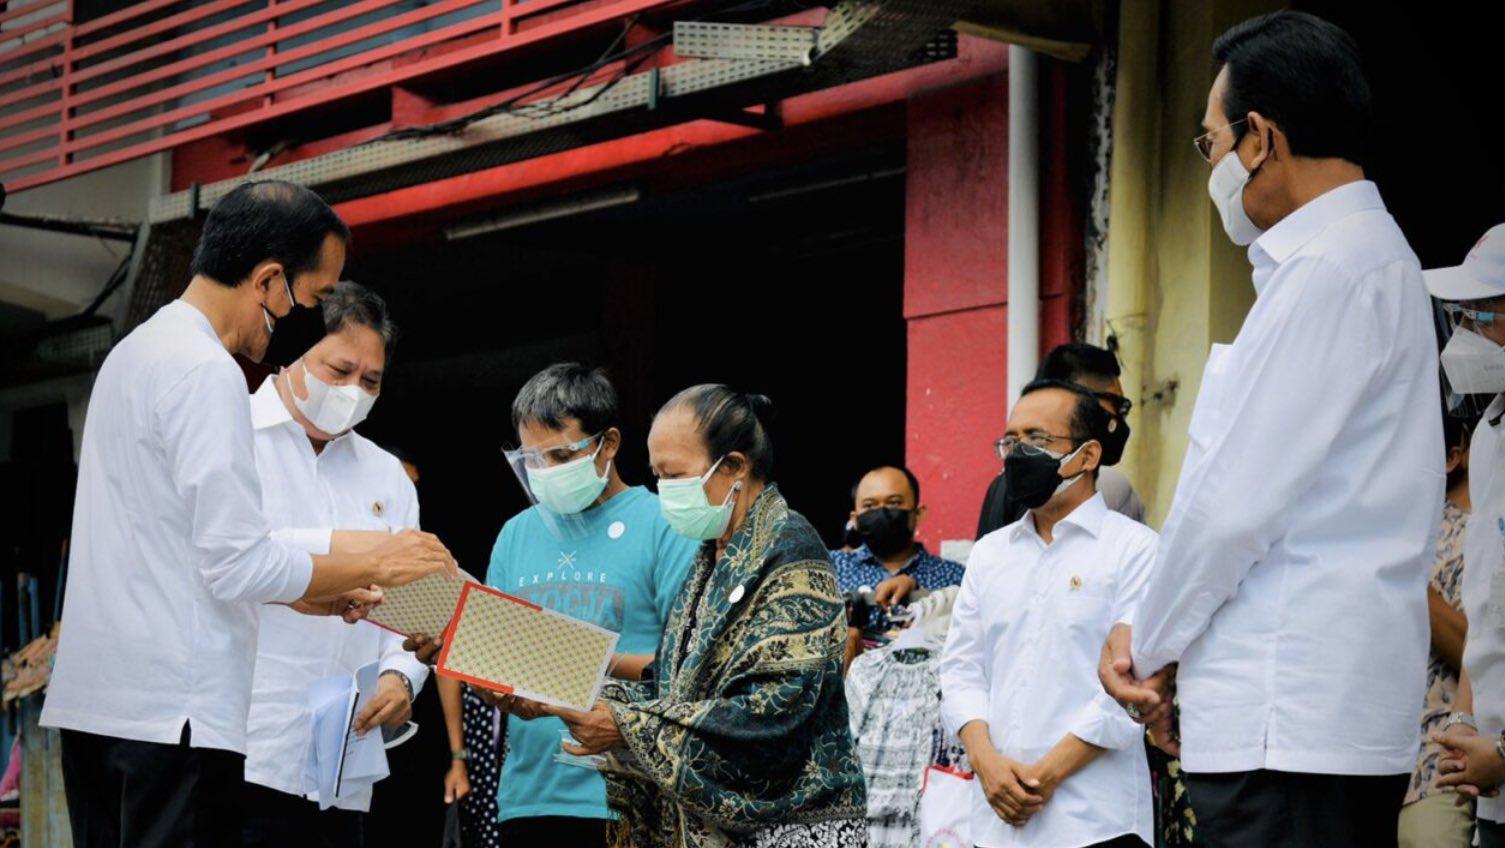 Presiden Resmikan Peluncuran BT-PKLW Pertama di Kawasan Malioboro